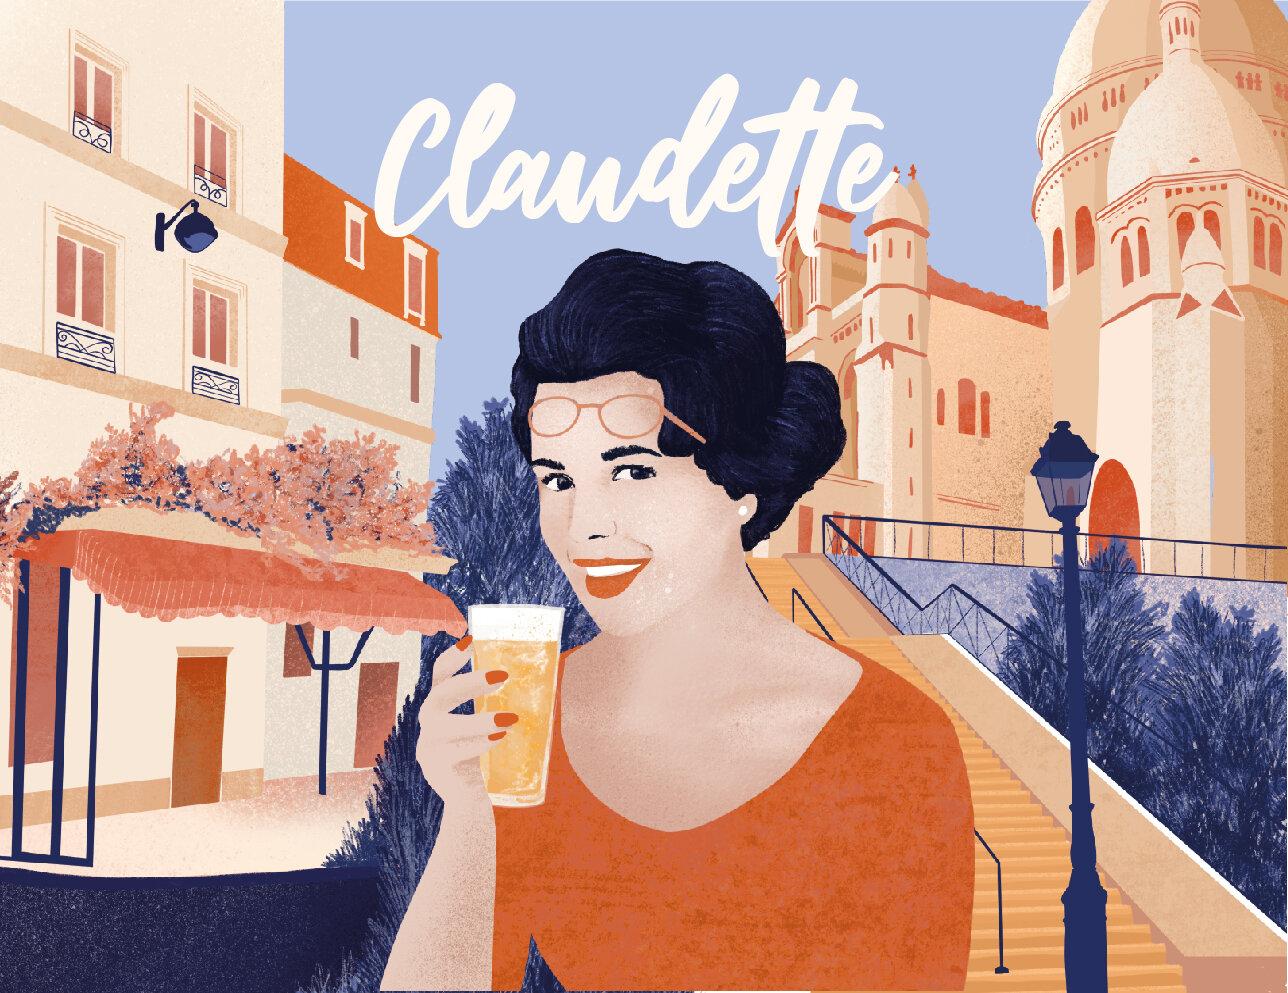 Claudette bier